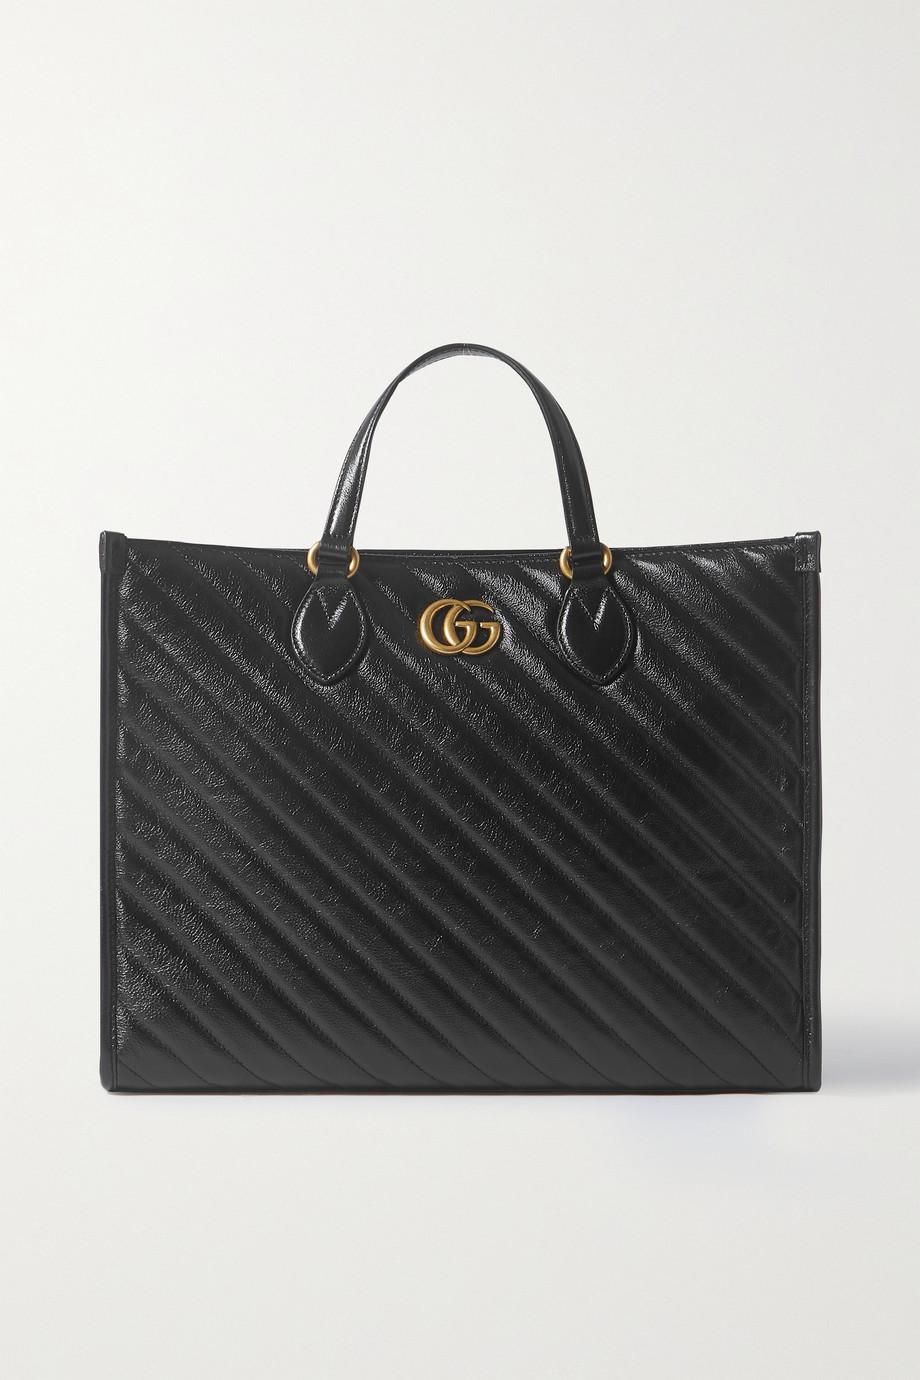 Gucci GG Marmont mittelgroße Tote aus gestepptem Leder